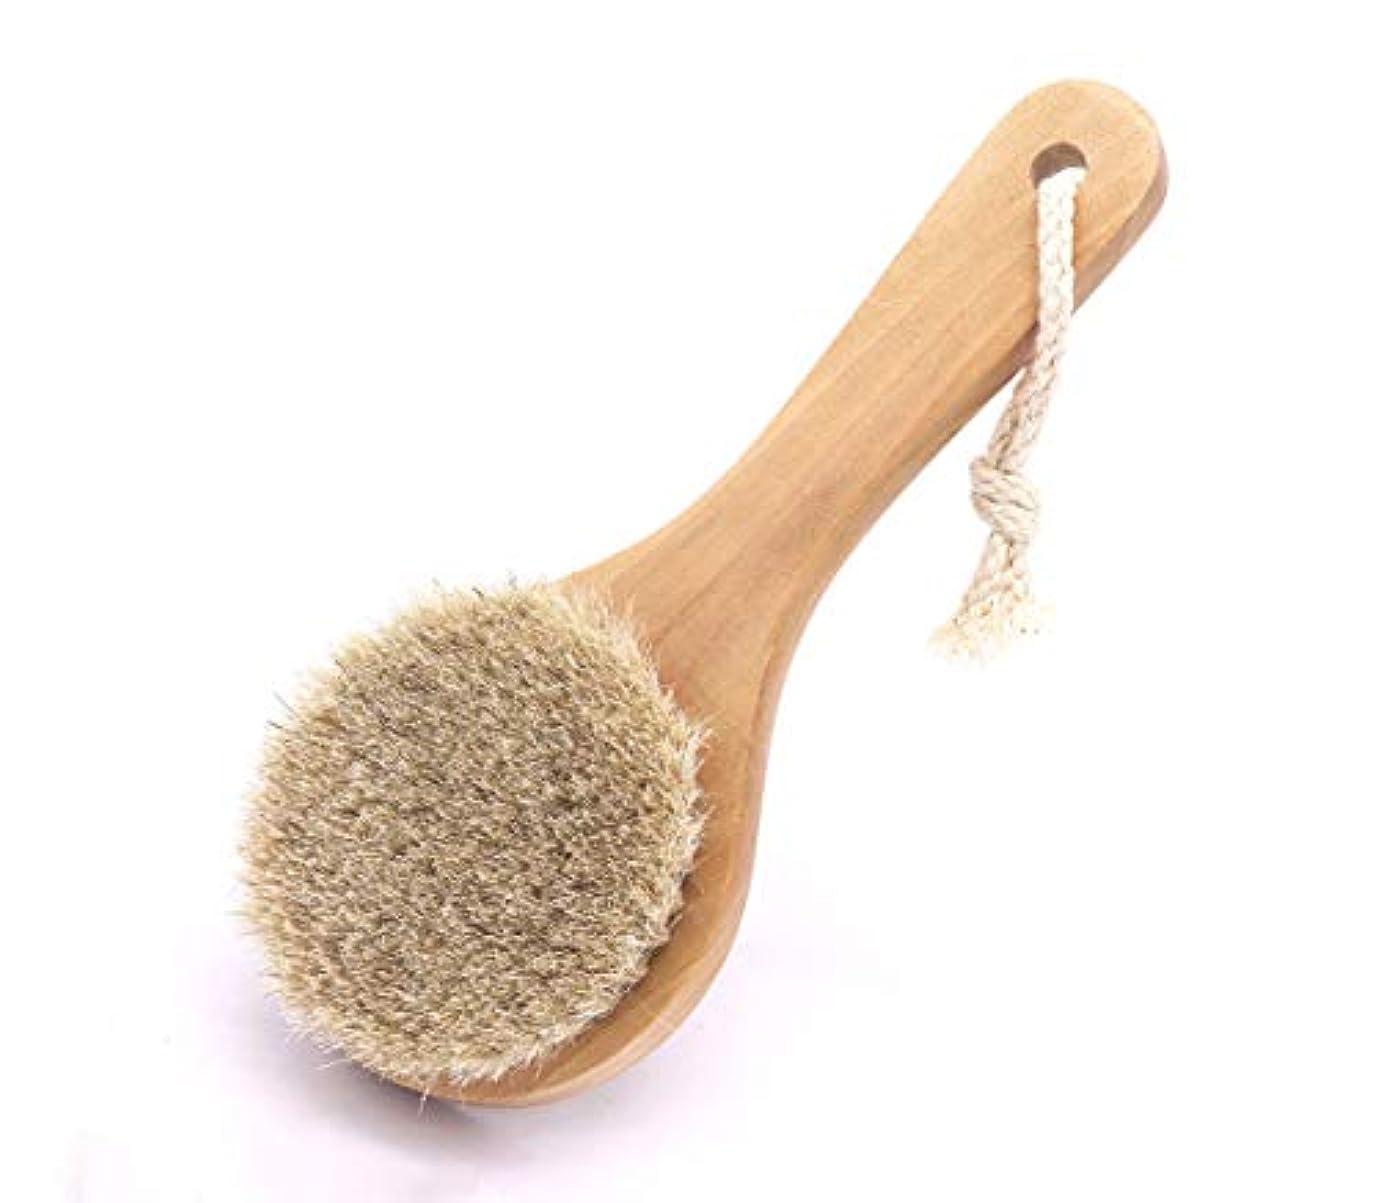 余分なフリル論争的Maltose 馬毛ボディブラシ 木製 短柄 足を洗う お風呂用 体洗い 女性 角質除去 柔らかい 美肌 (馬毛ボディブラシ)